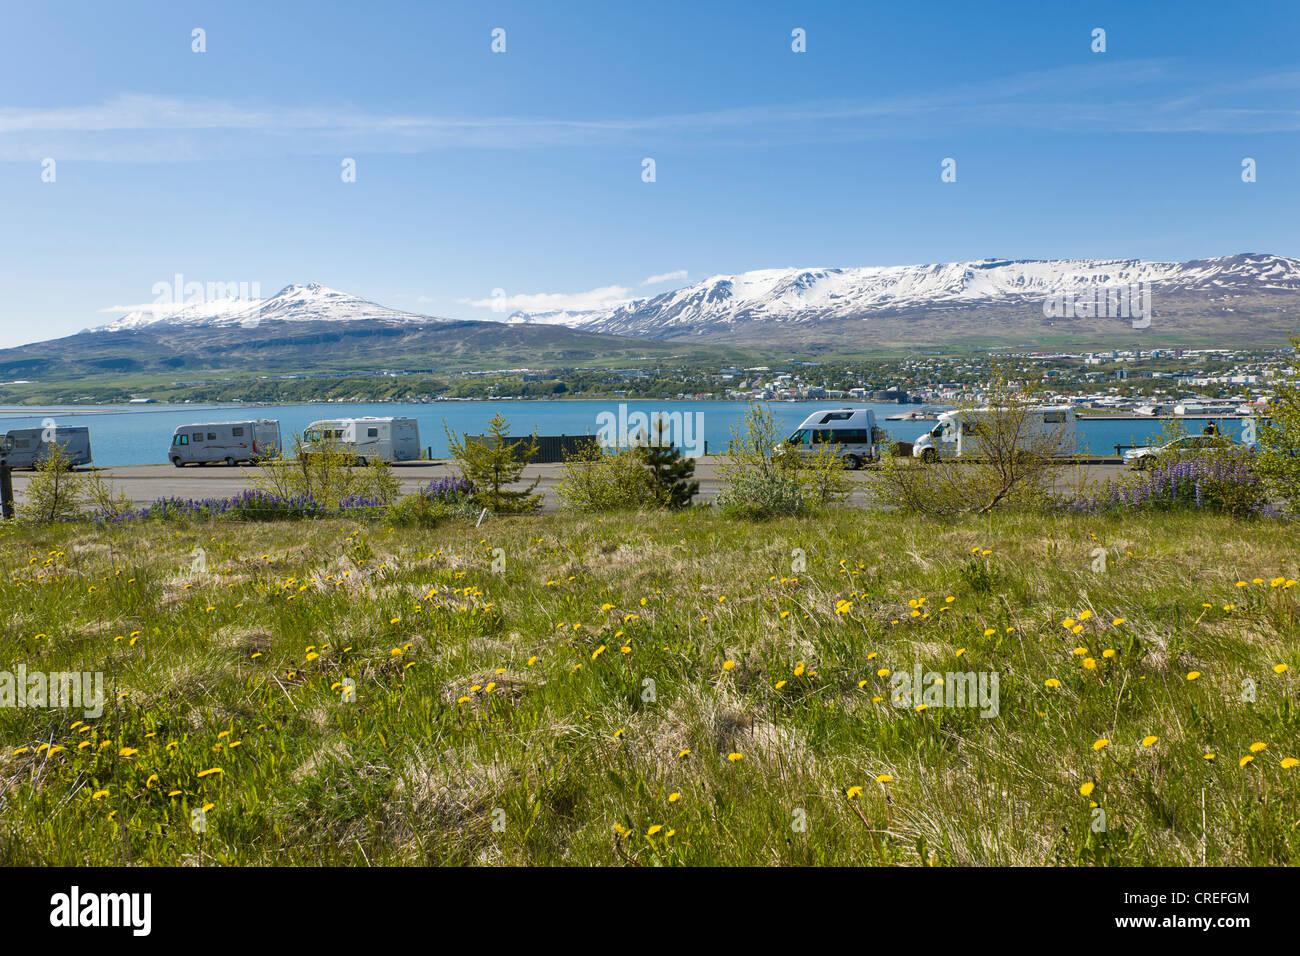 Camper vans on Eyjafjoerdur overlooking the town of Akureyri, Northern Iceland, Iceland, Northern Europe, Europe - Stock Image